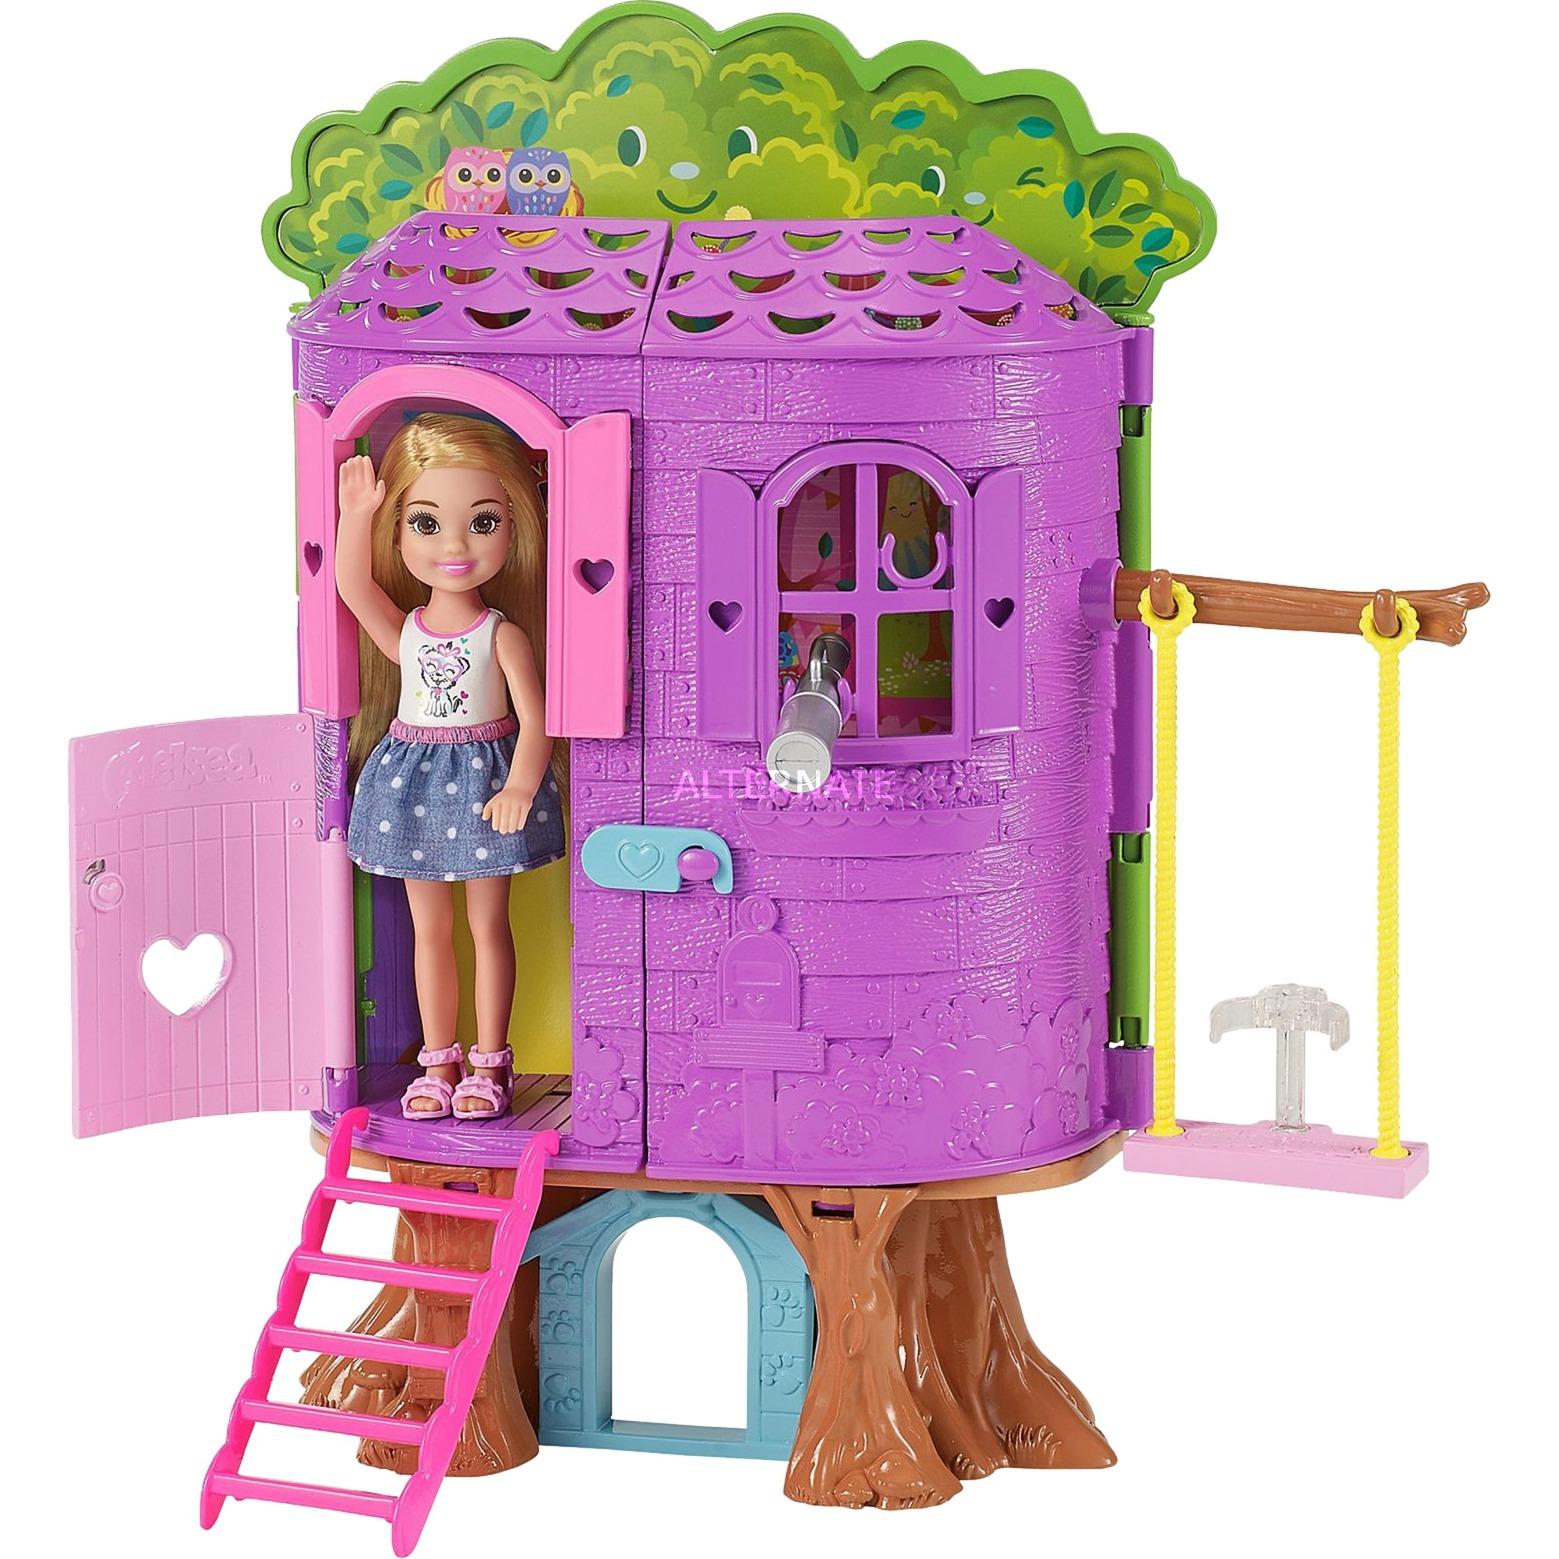 Chelsea Doll and Accessory casa de muñecas, Muñecos